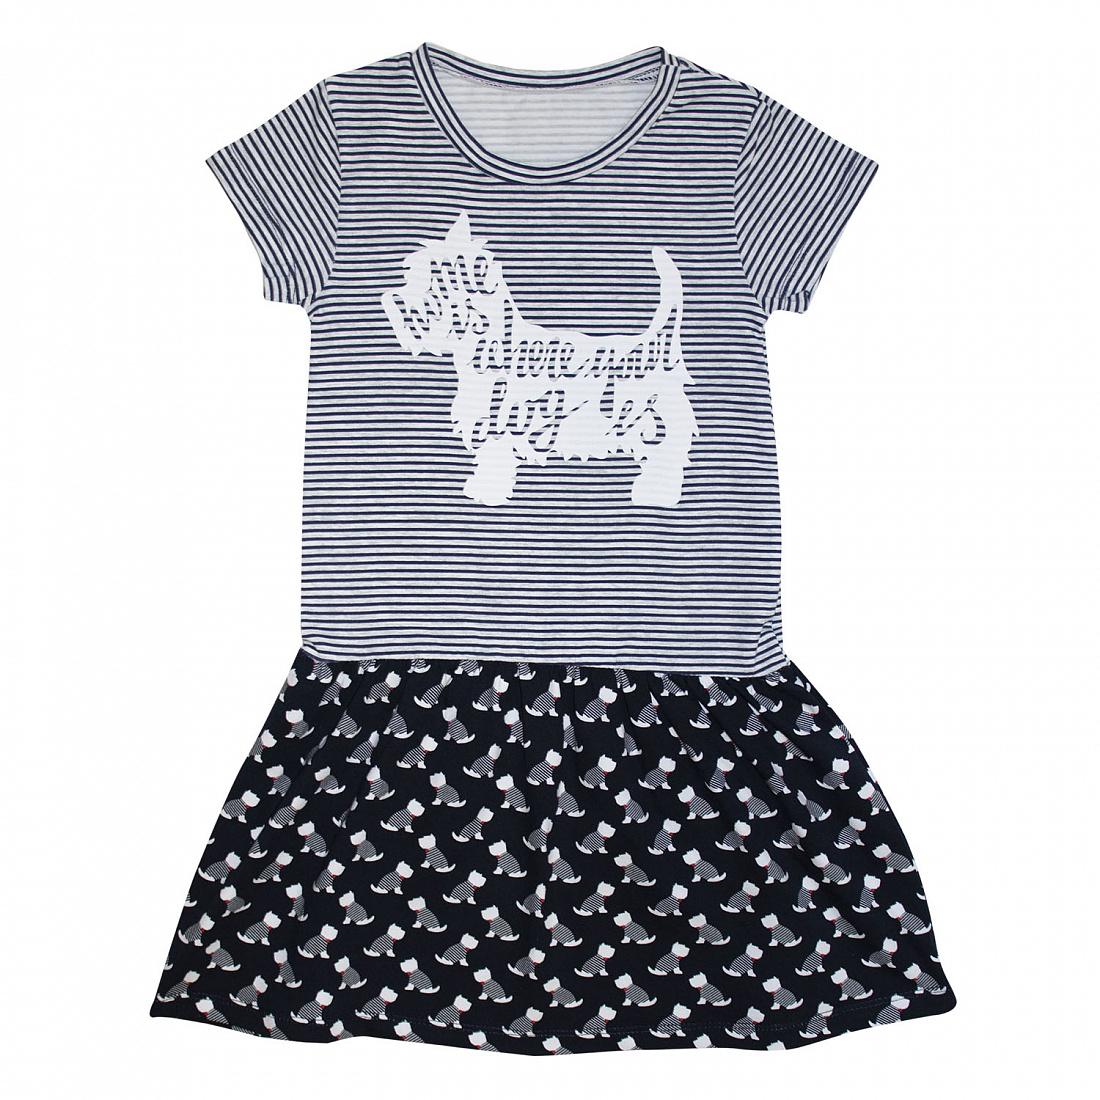 Купить 609к/л ап, Платье детское Юлла, цв. белый; черный р.122, Платья для девочек